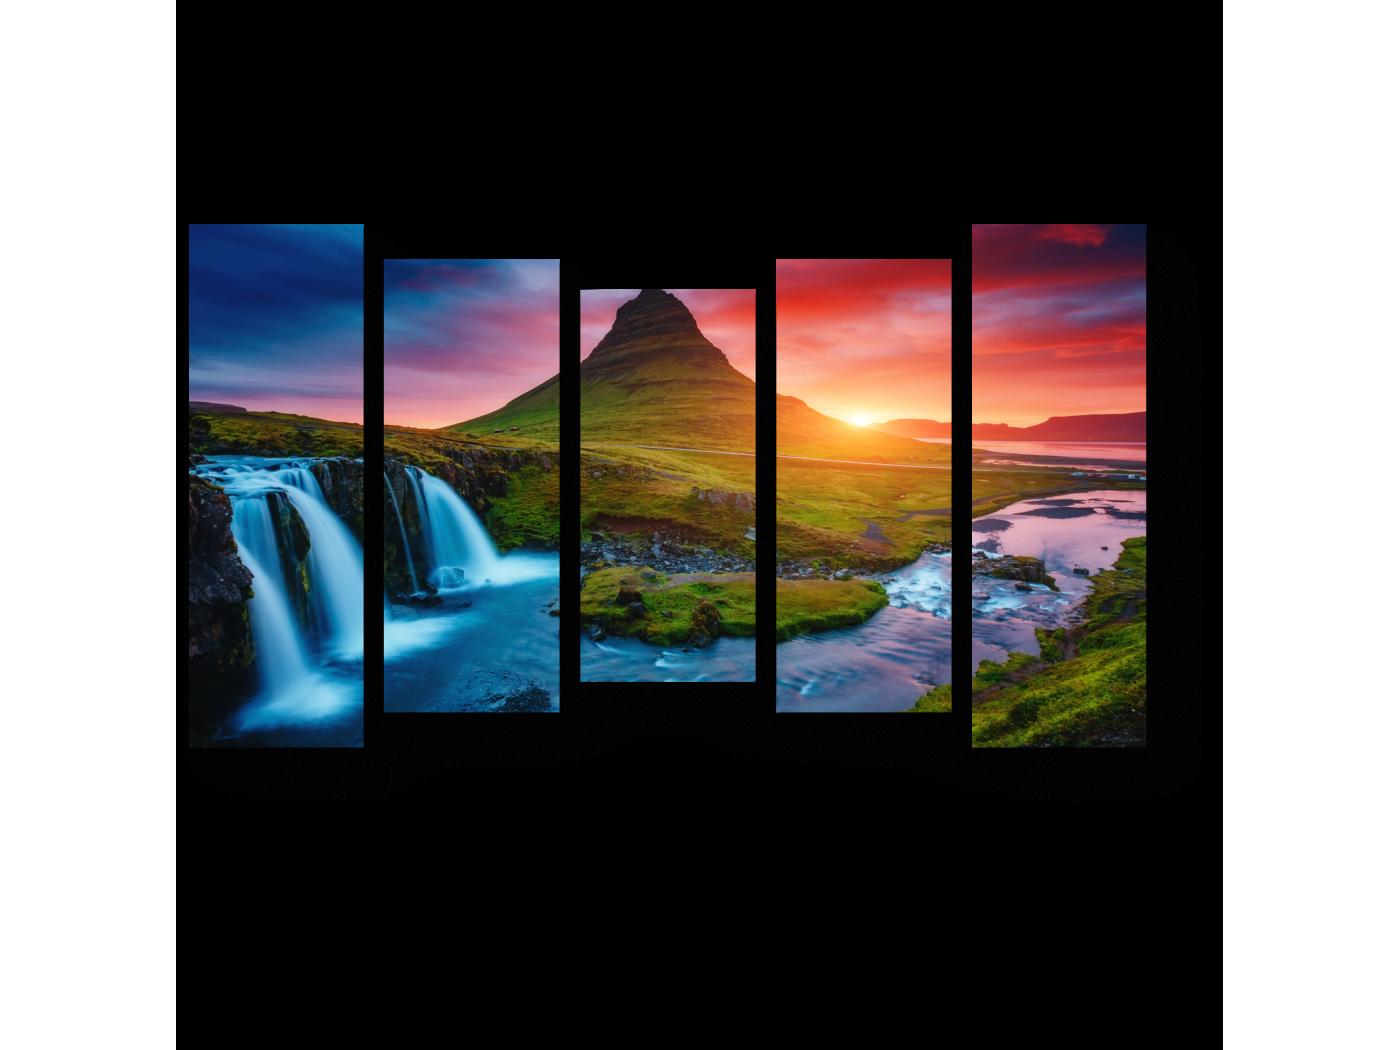 Модульная картина Красочный рассвет, Исландия (90x54) фото